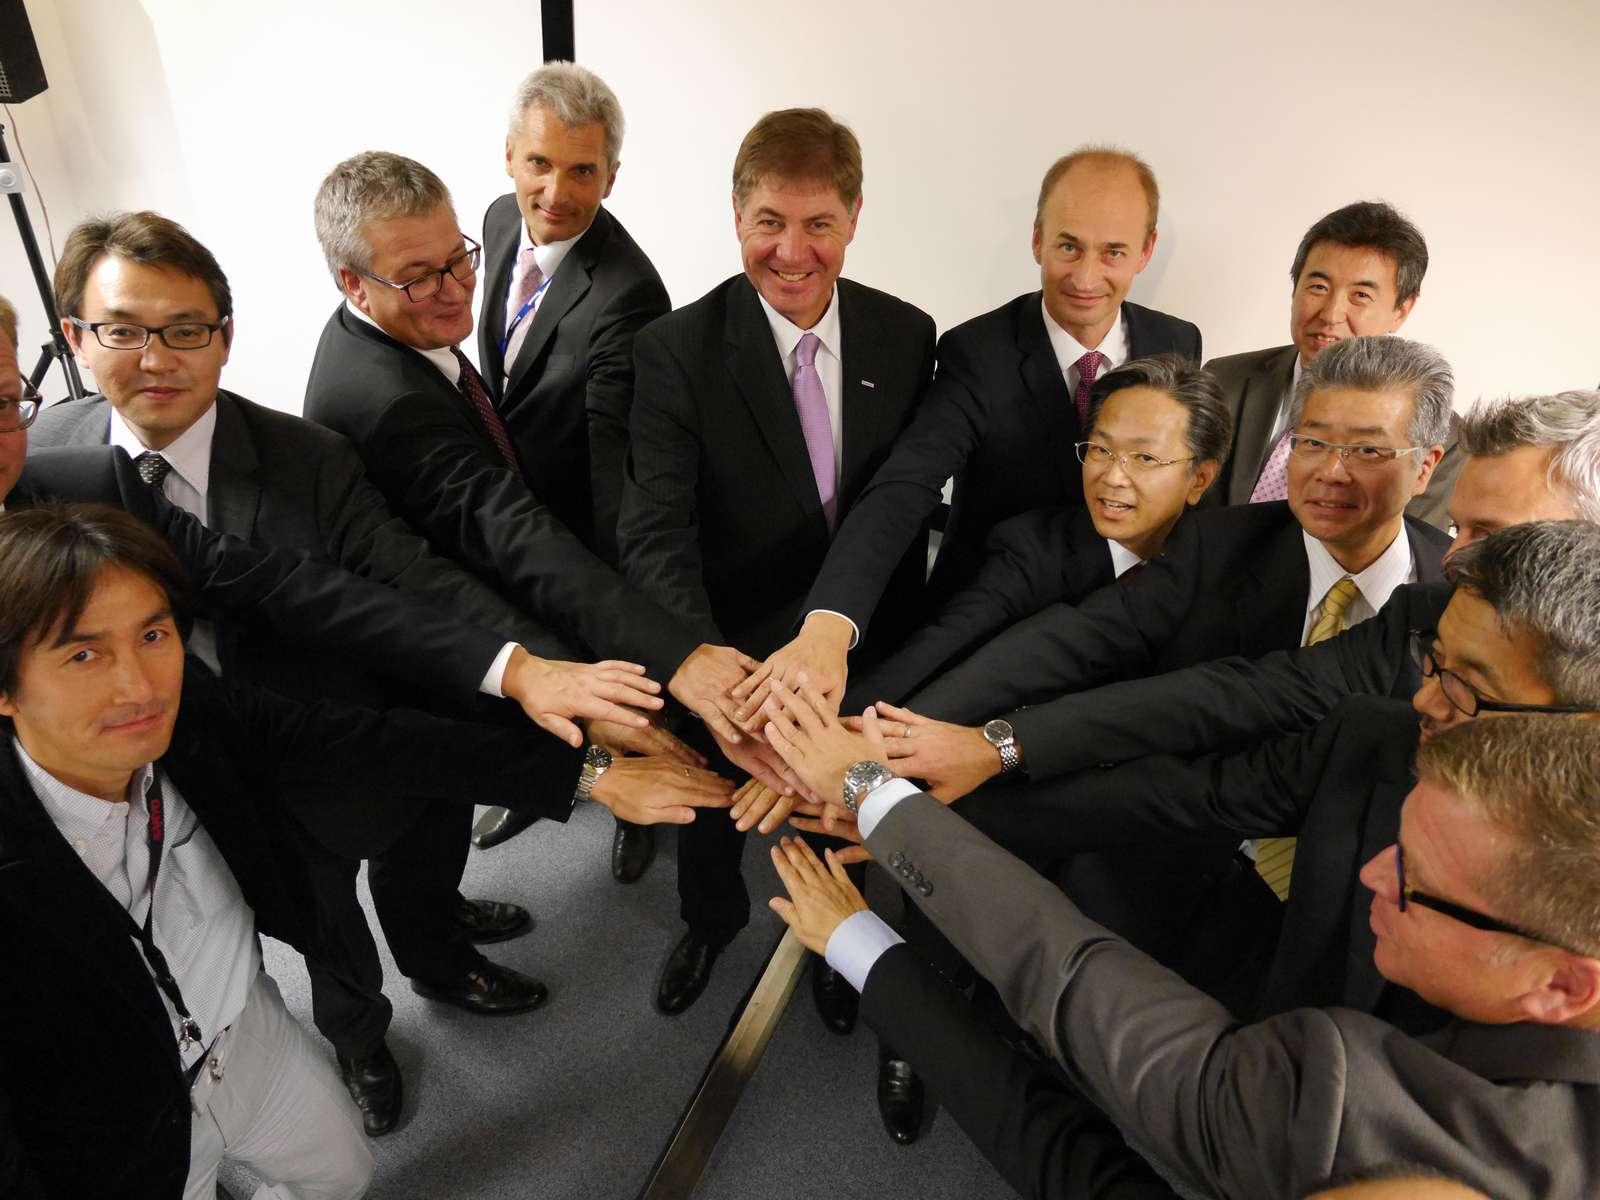 ウィルヘルム・スティーガーPAISEU社長と各社の経営陣